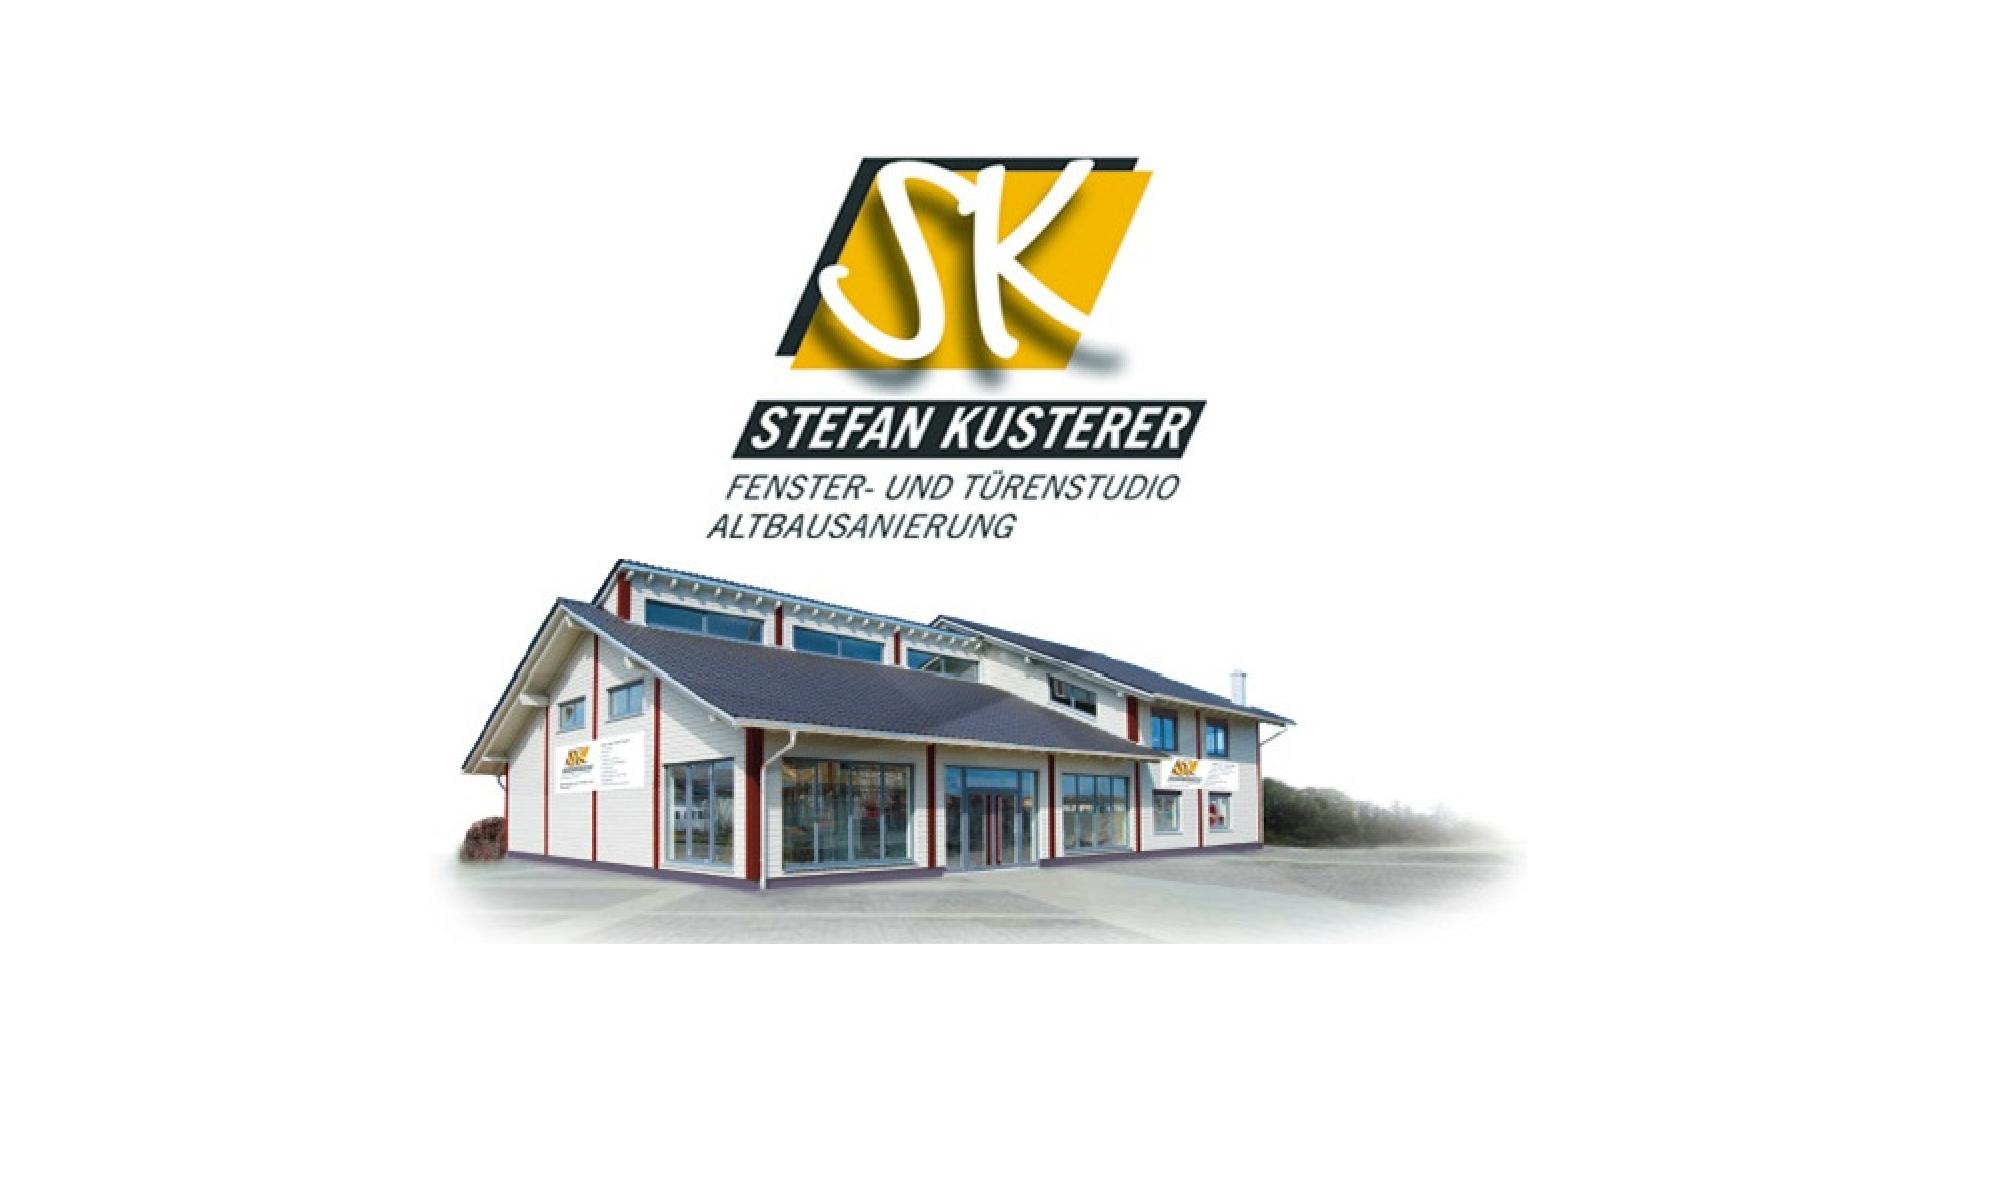 Stefan Kusterer